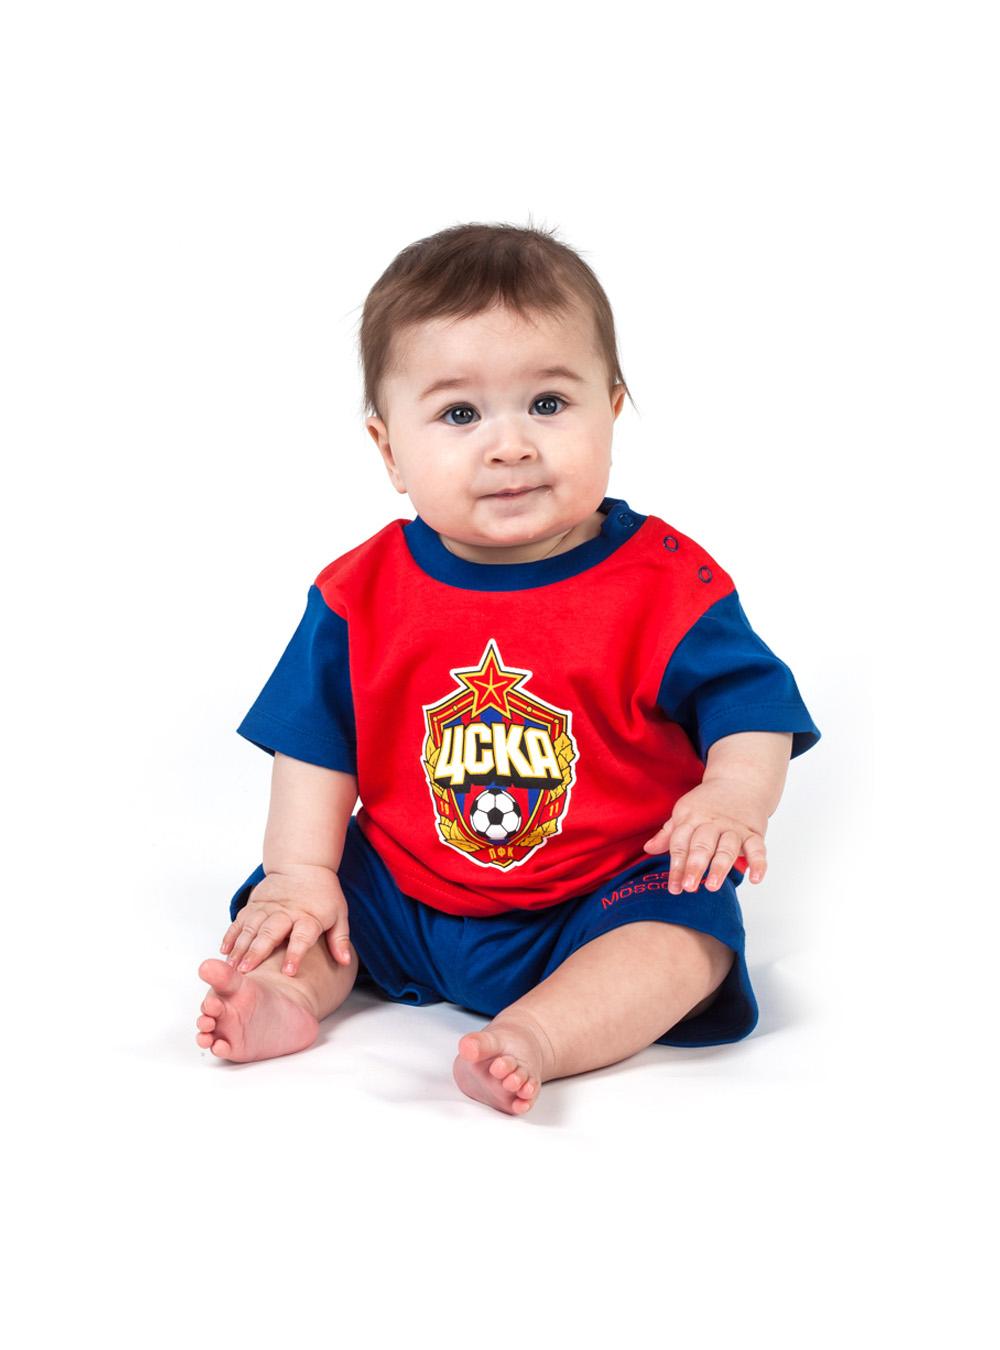 Костюм (футболка+шорты) (425010), цвет красный (98 (24-36 мес.))Для самых маленьких<br>Костюм (футболка+шорты) (425010), цвет красный<br>